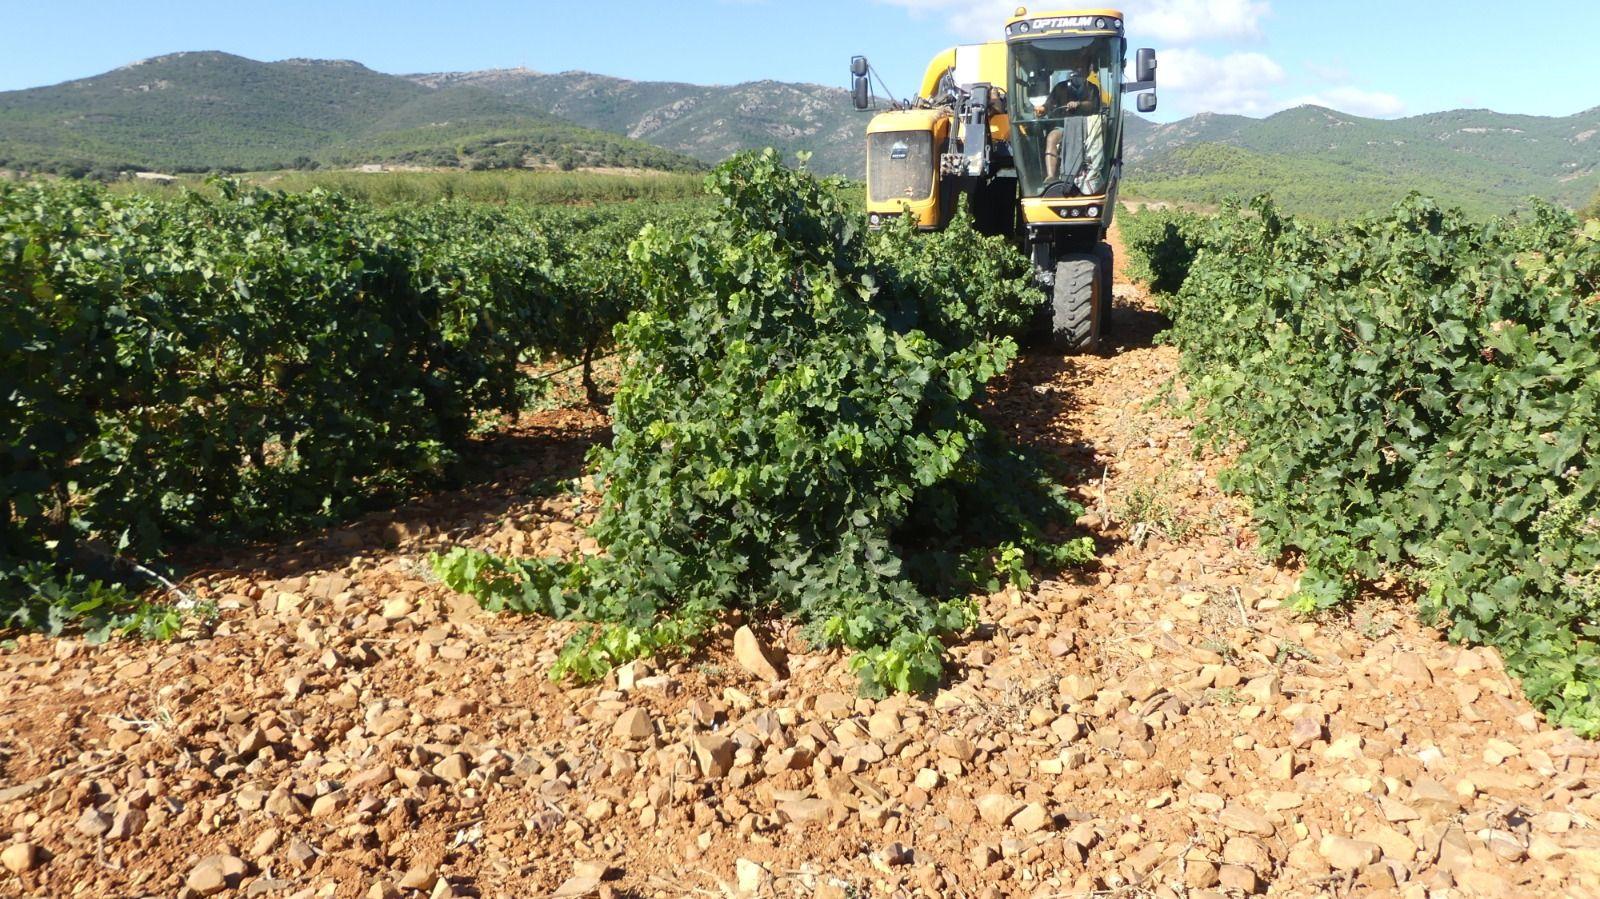 """La DOP Cariñena cierra una vendimia """"excelente"""" con casi 92 millones de kilos de uva, un 60,5 % más que el año pasado"""